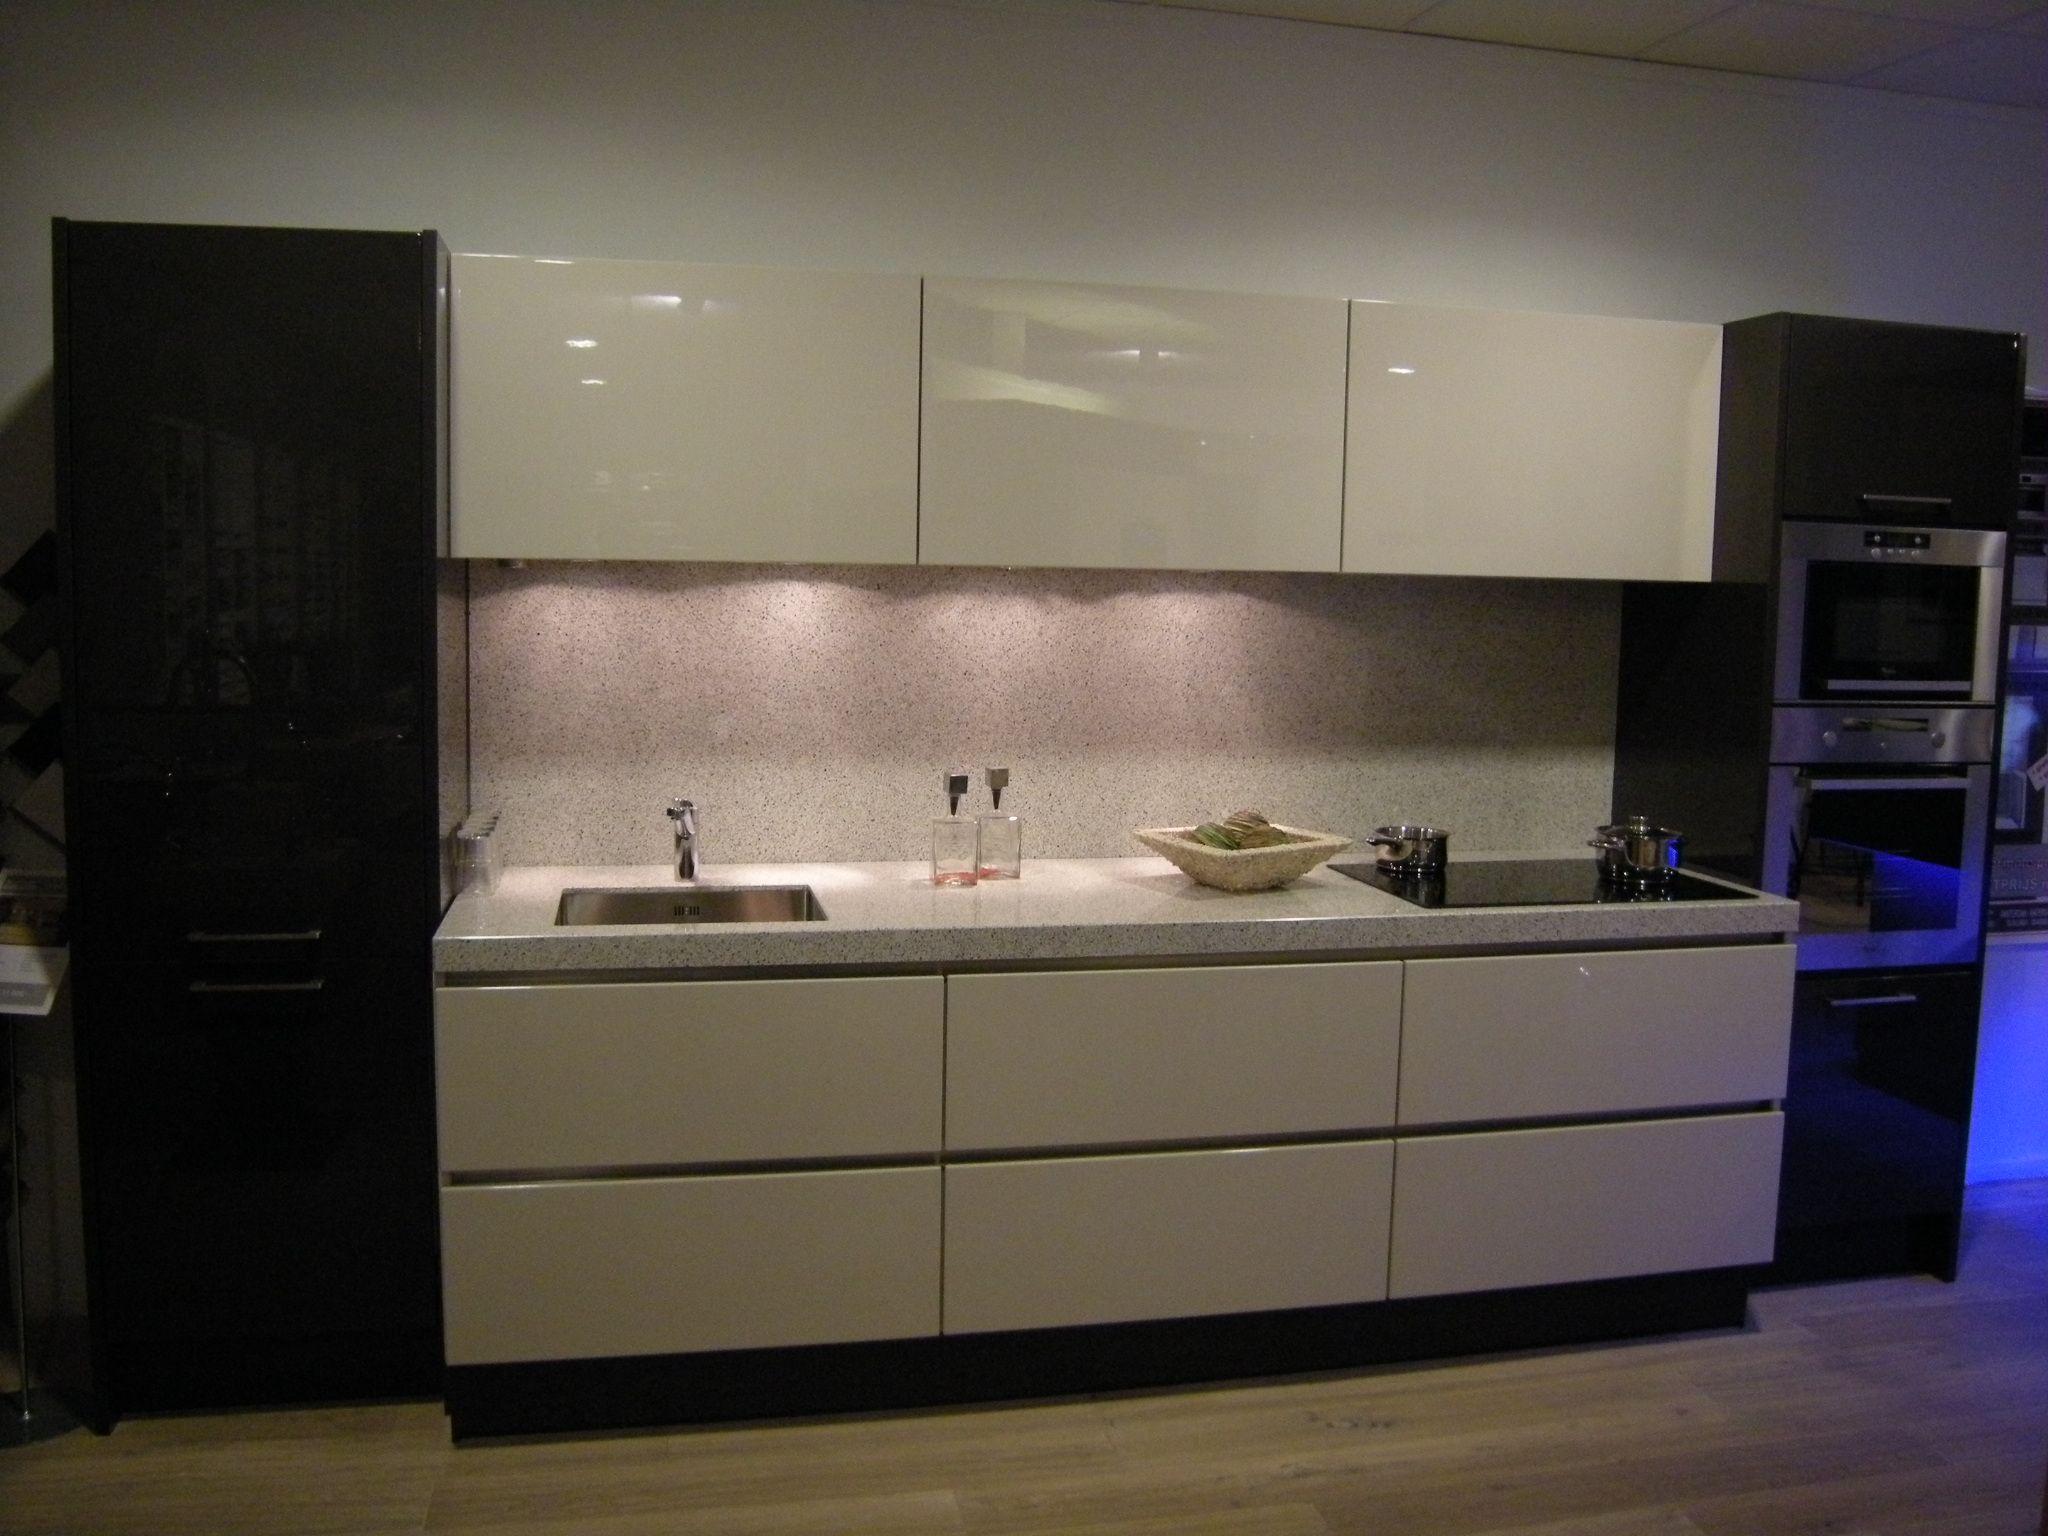 De voordeligste woonwinkel van nederland schmidt 28081 - Keuken schmi ...